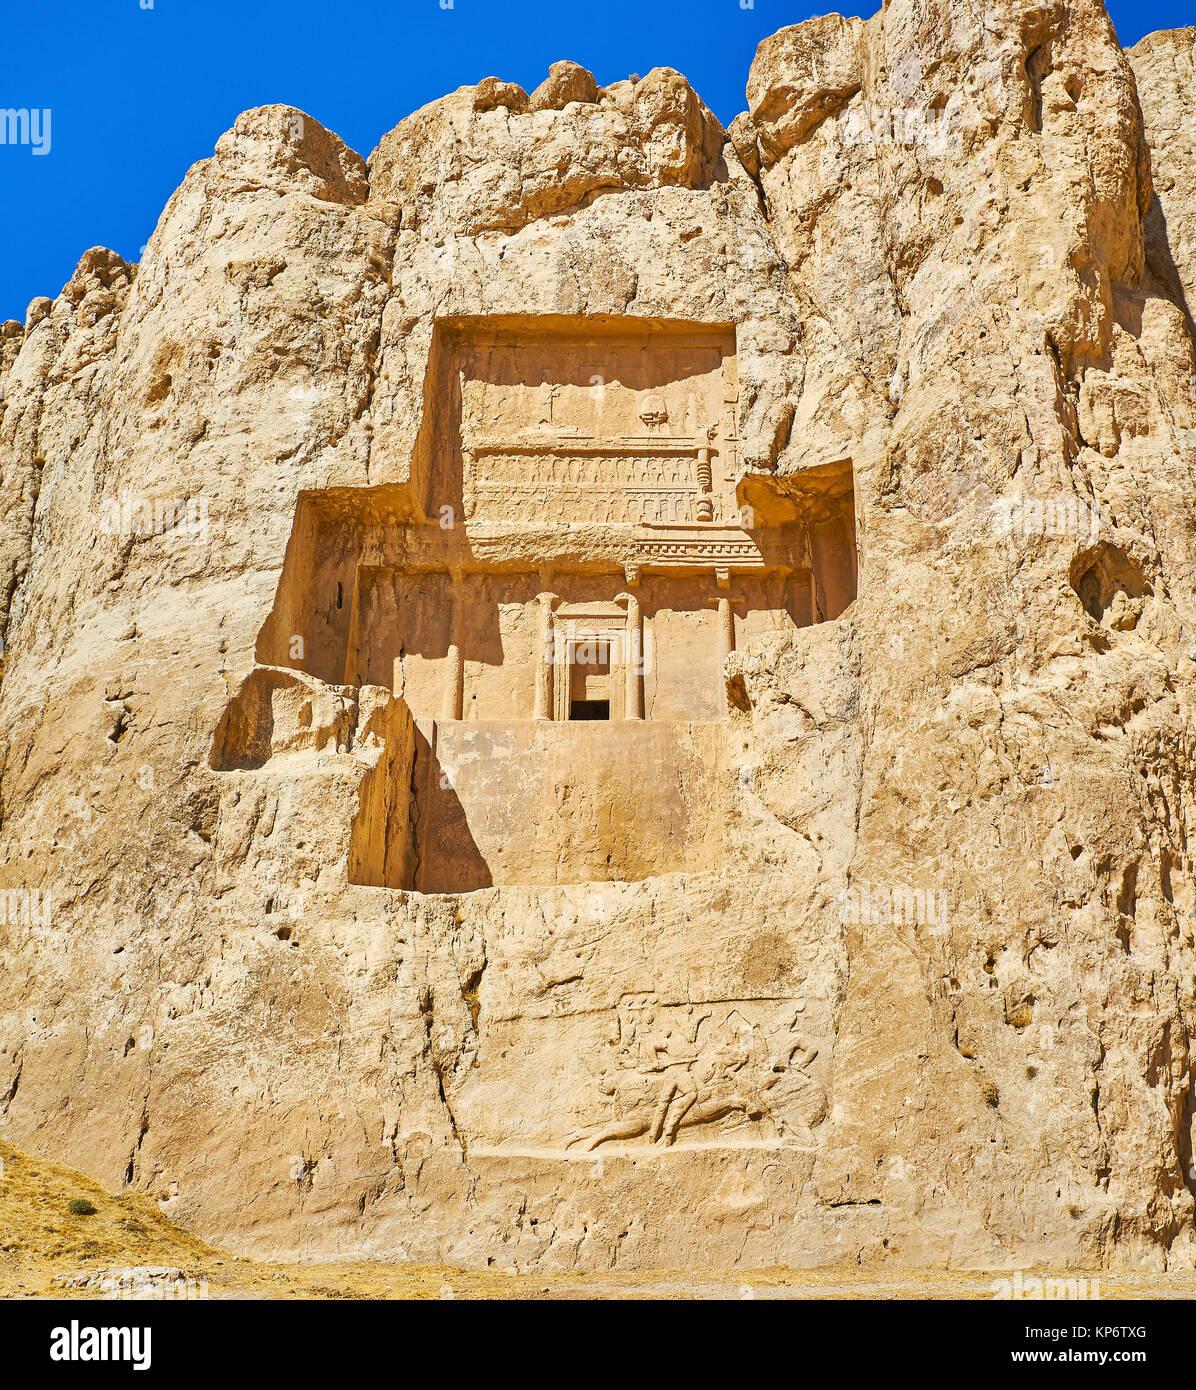 Il scolpite nella roccia Mausoleo di Dario II in Naqsh-e Rustam necropoli, dal basso può essere visto conservato Immagini Stock